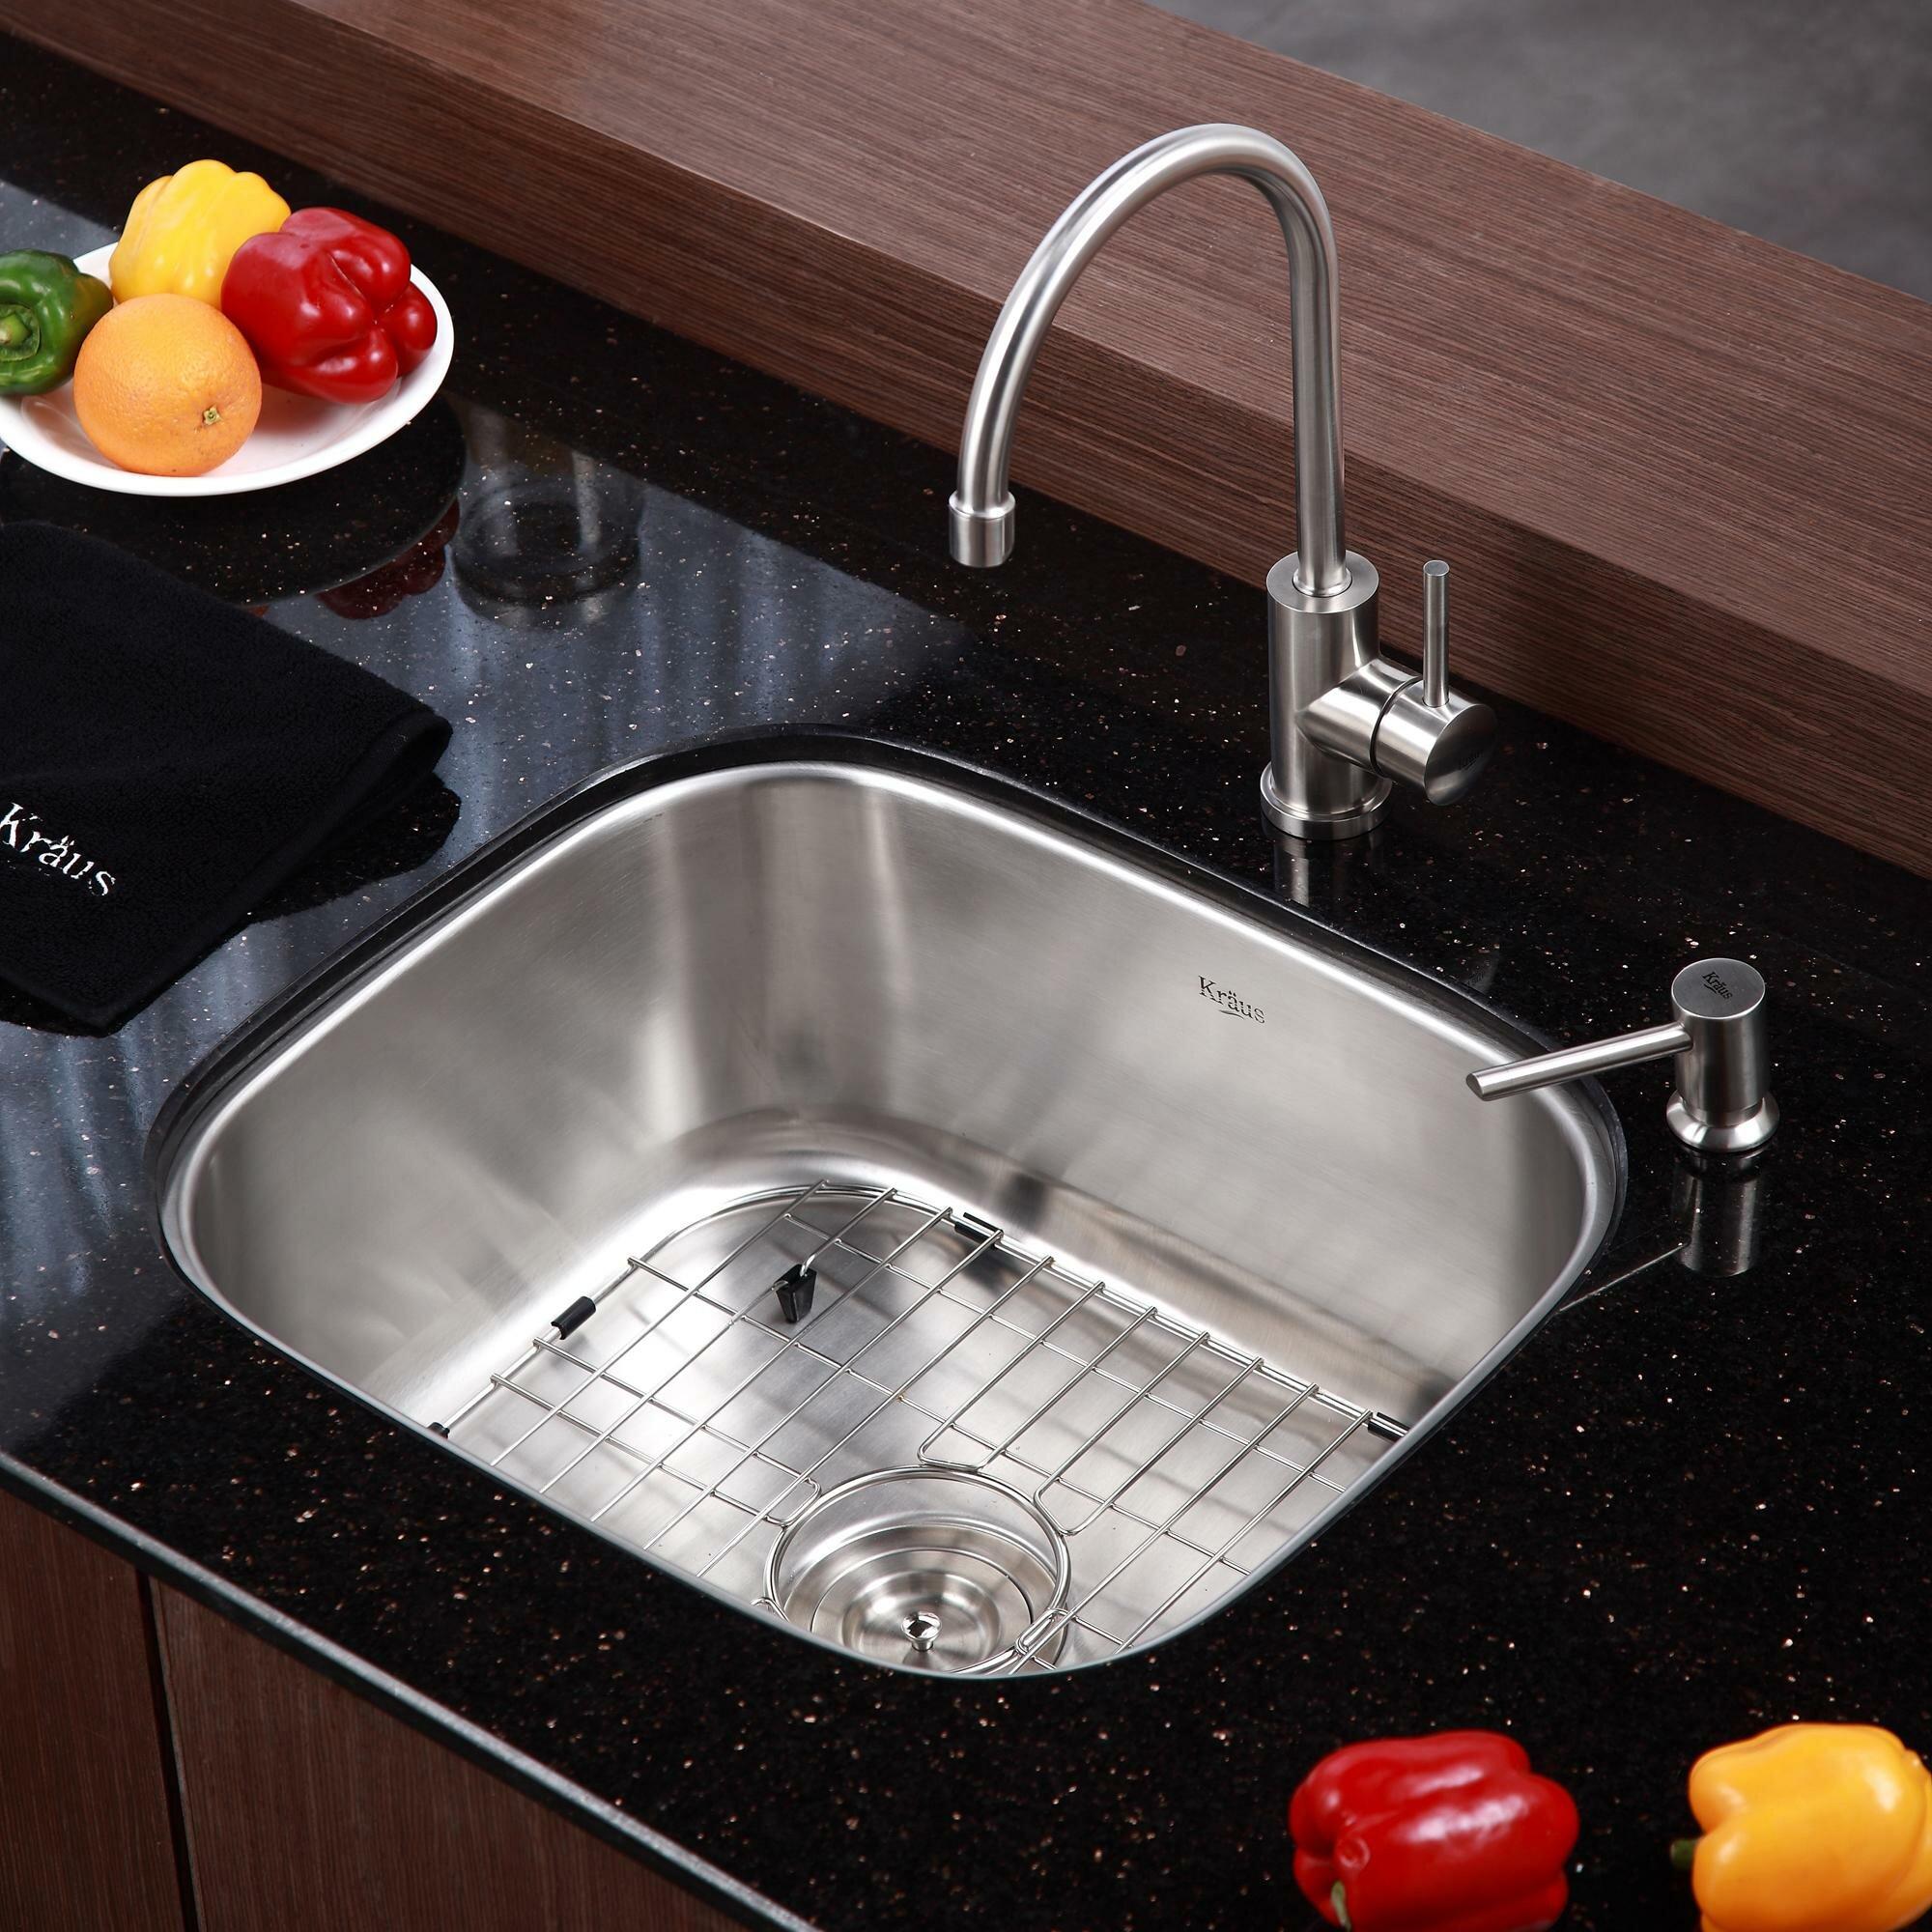 Kraus Stainless Steel Undermount Single Bowl Kitchen Sink with Kitchen ...